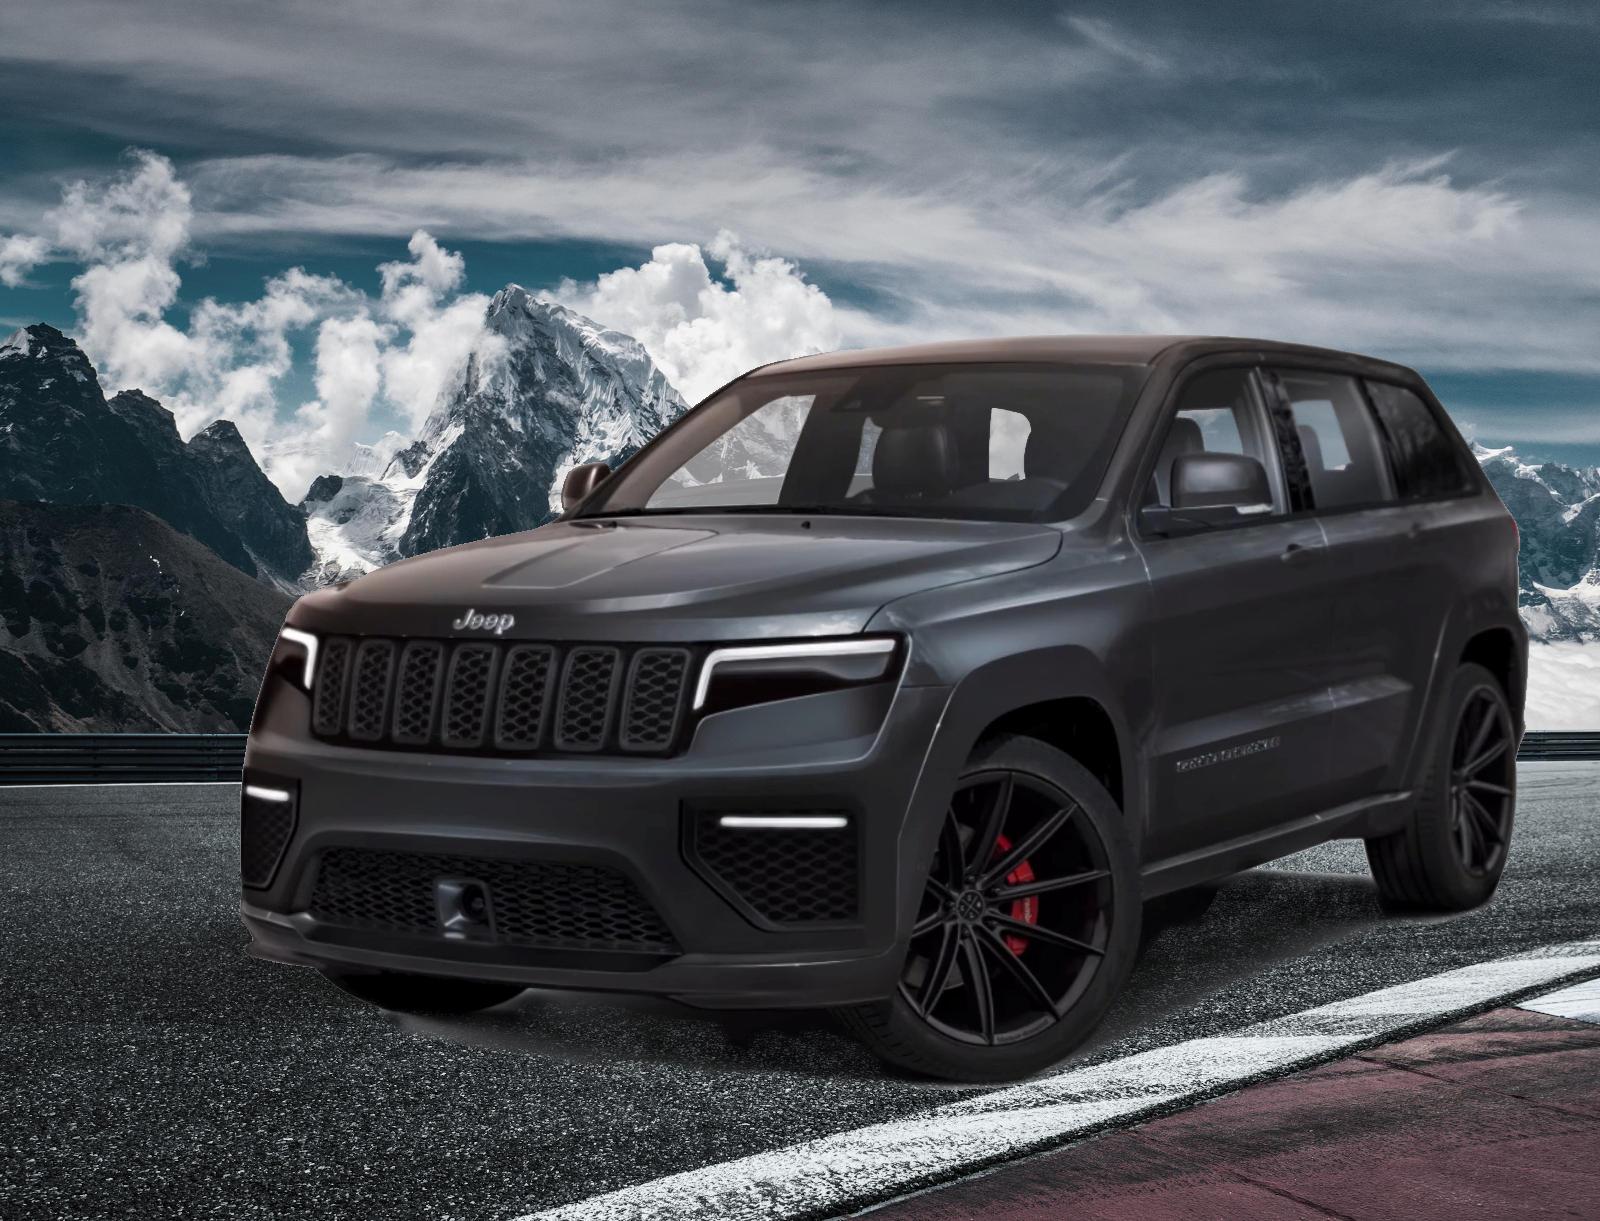 2021-Jeep-Grand-Cherokee-Rendering-image.jpg